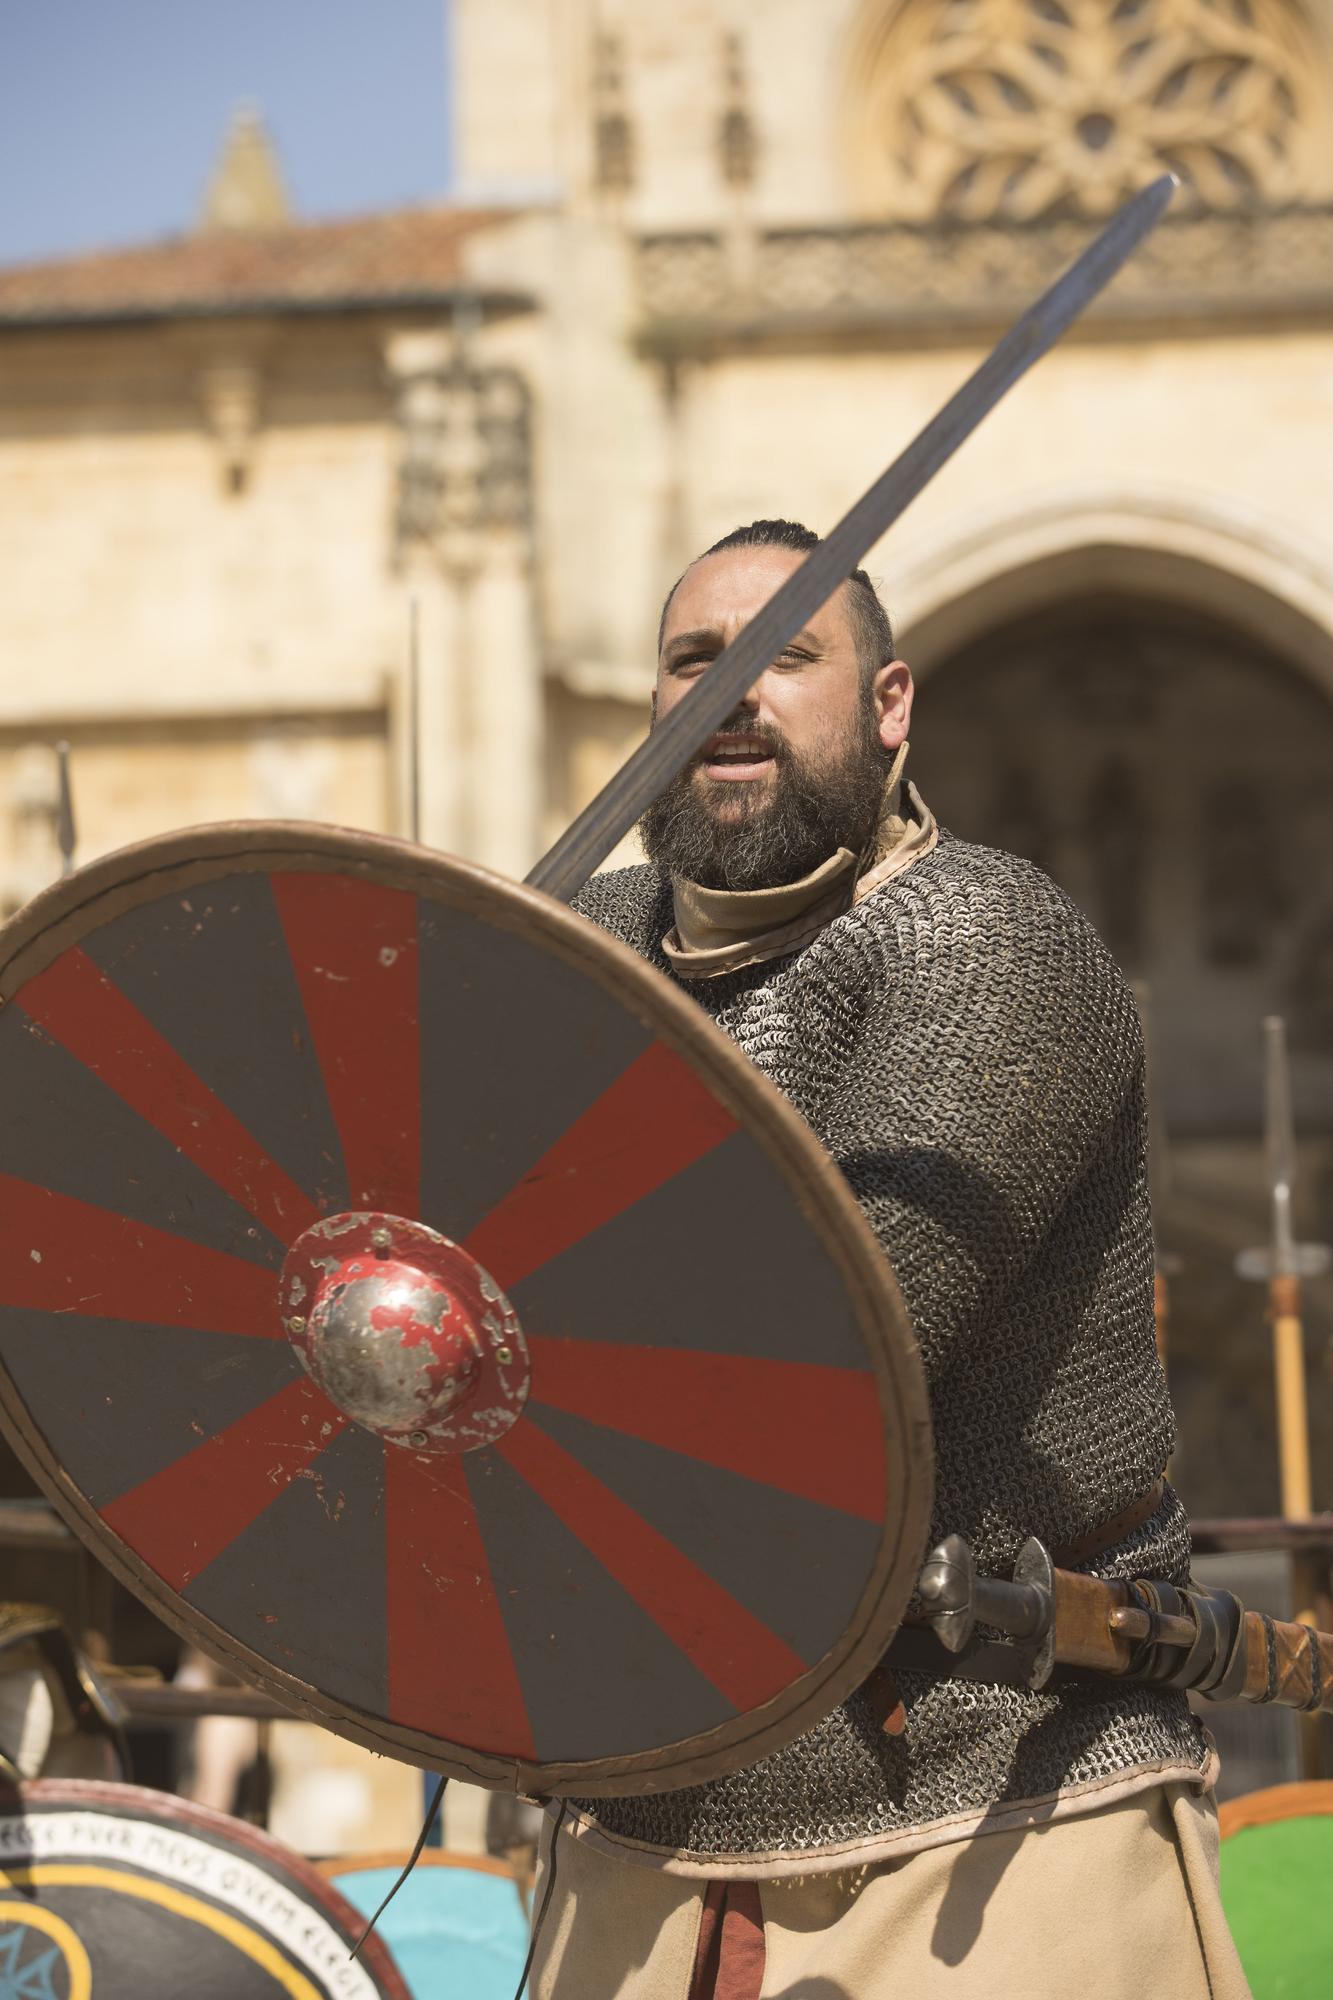 Duelo de espadas a los pies de la Catedral de Oviedo